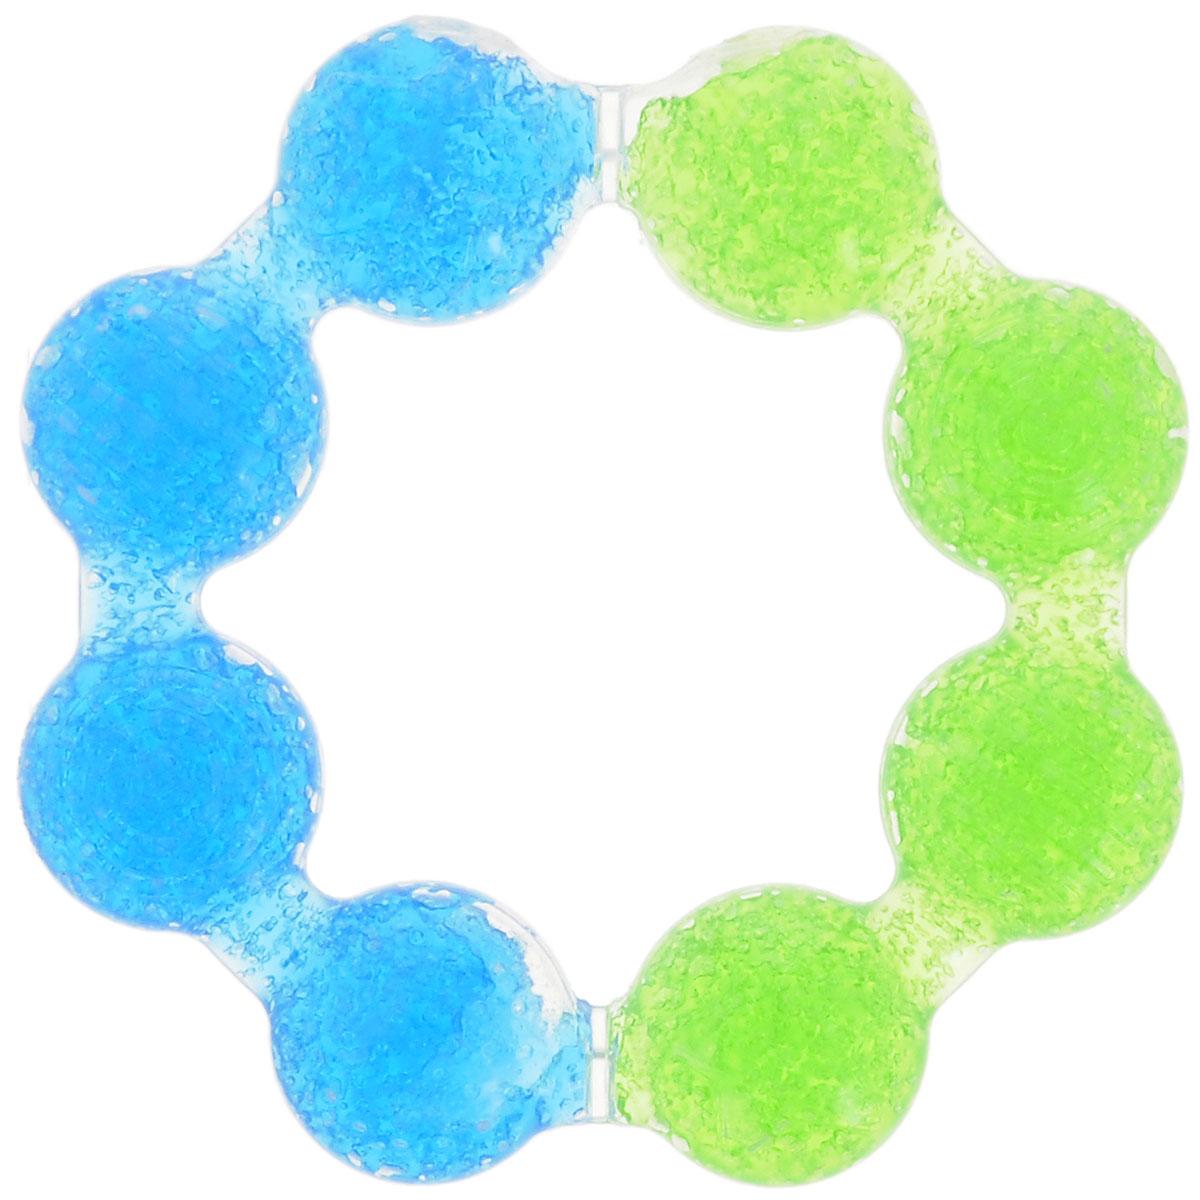 Munchkin Прорезыватель охлаждающий Цветок цвет голубой салатовый11322_голубой, салатовыйПрорезыватель охлаждающий Munchkin Цветок, изготовленный из прочного безопасного материала (не содержит бисфенол А), несомненно, понравится малышу. Благодаря тому, что прорезыватель наполнен гелем, в охлажденном состоянии он оказывает легкое анестезирующее действие, а поверхность прорезывателя мягко массирует десны малыша и уменьшает дискомфорт при появлении зубов. Форма прорезывателя в виде кольца удобна для маленьких детских ручек. Прорезыватель Munchkin Цветок развивает мелкую моторику, воображение, концентрацию внимания и цветовое восприятие ребенка.